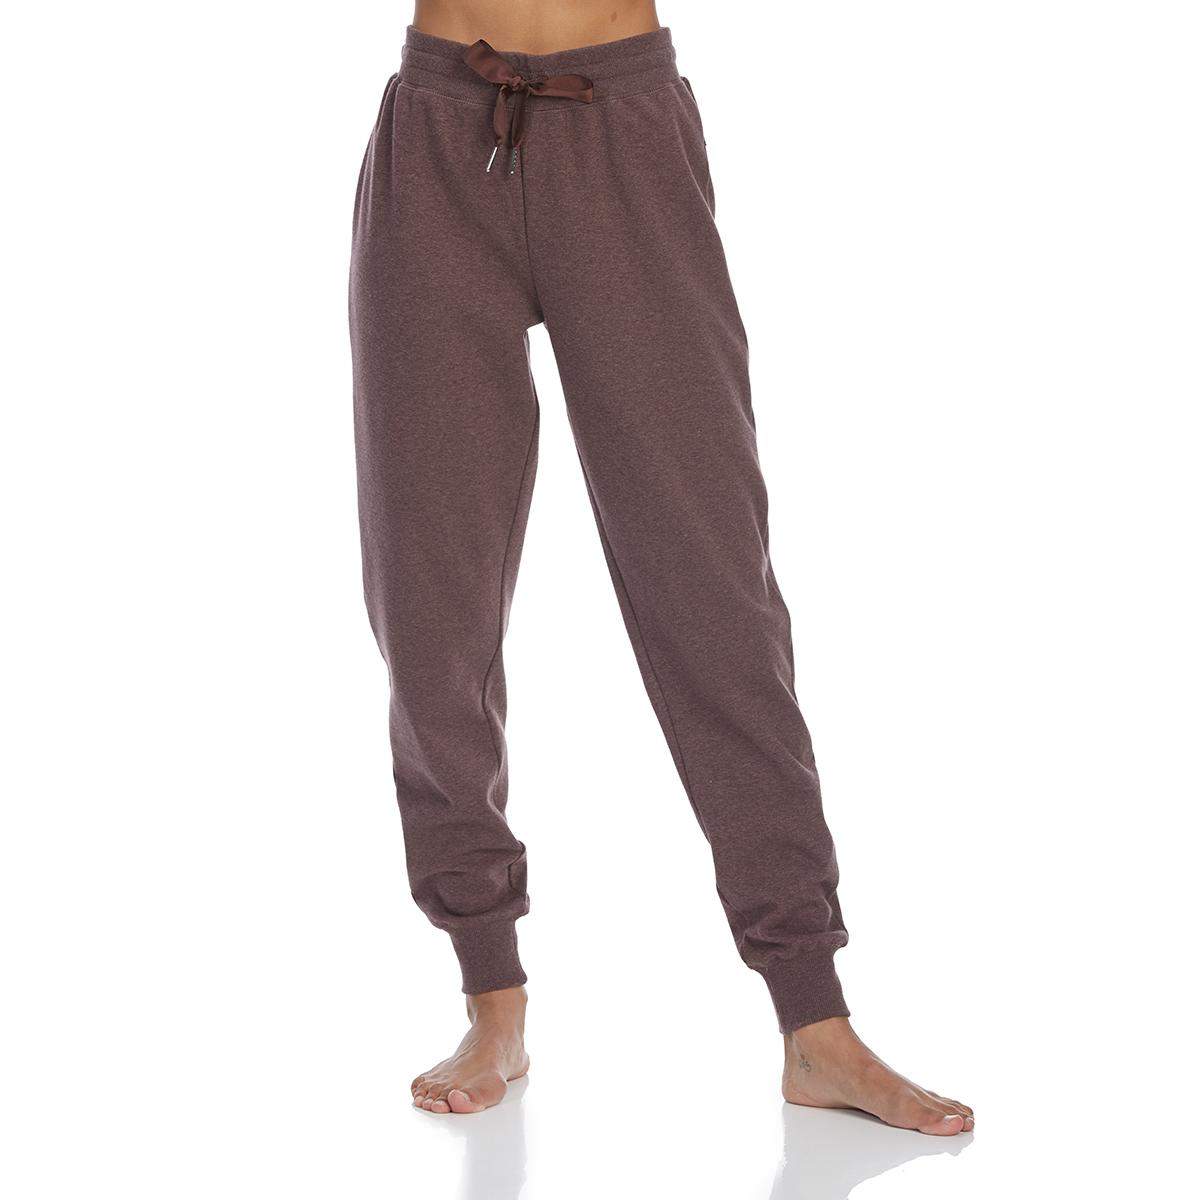 Ems Women's Canyon Jogger Pants - White, XS